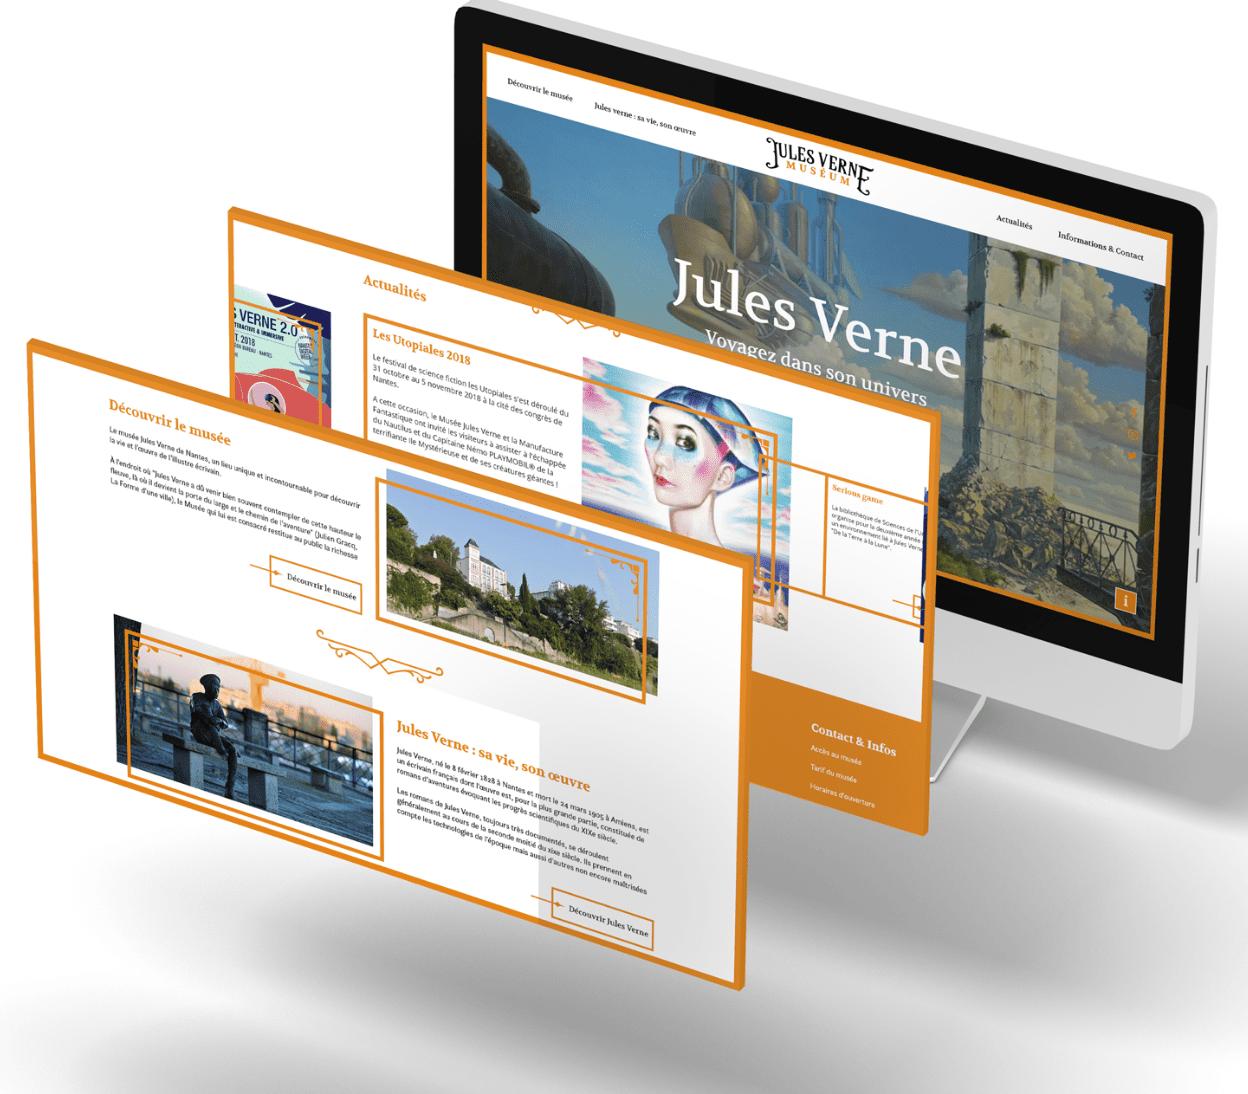 Musée Jules Verne 7 - Arnaud Le Roux - Directeur Artistique Digital & Développeur Front-End